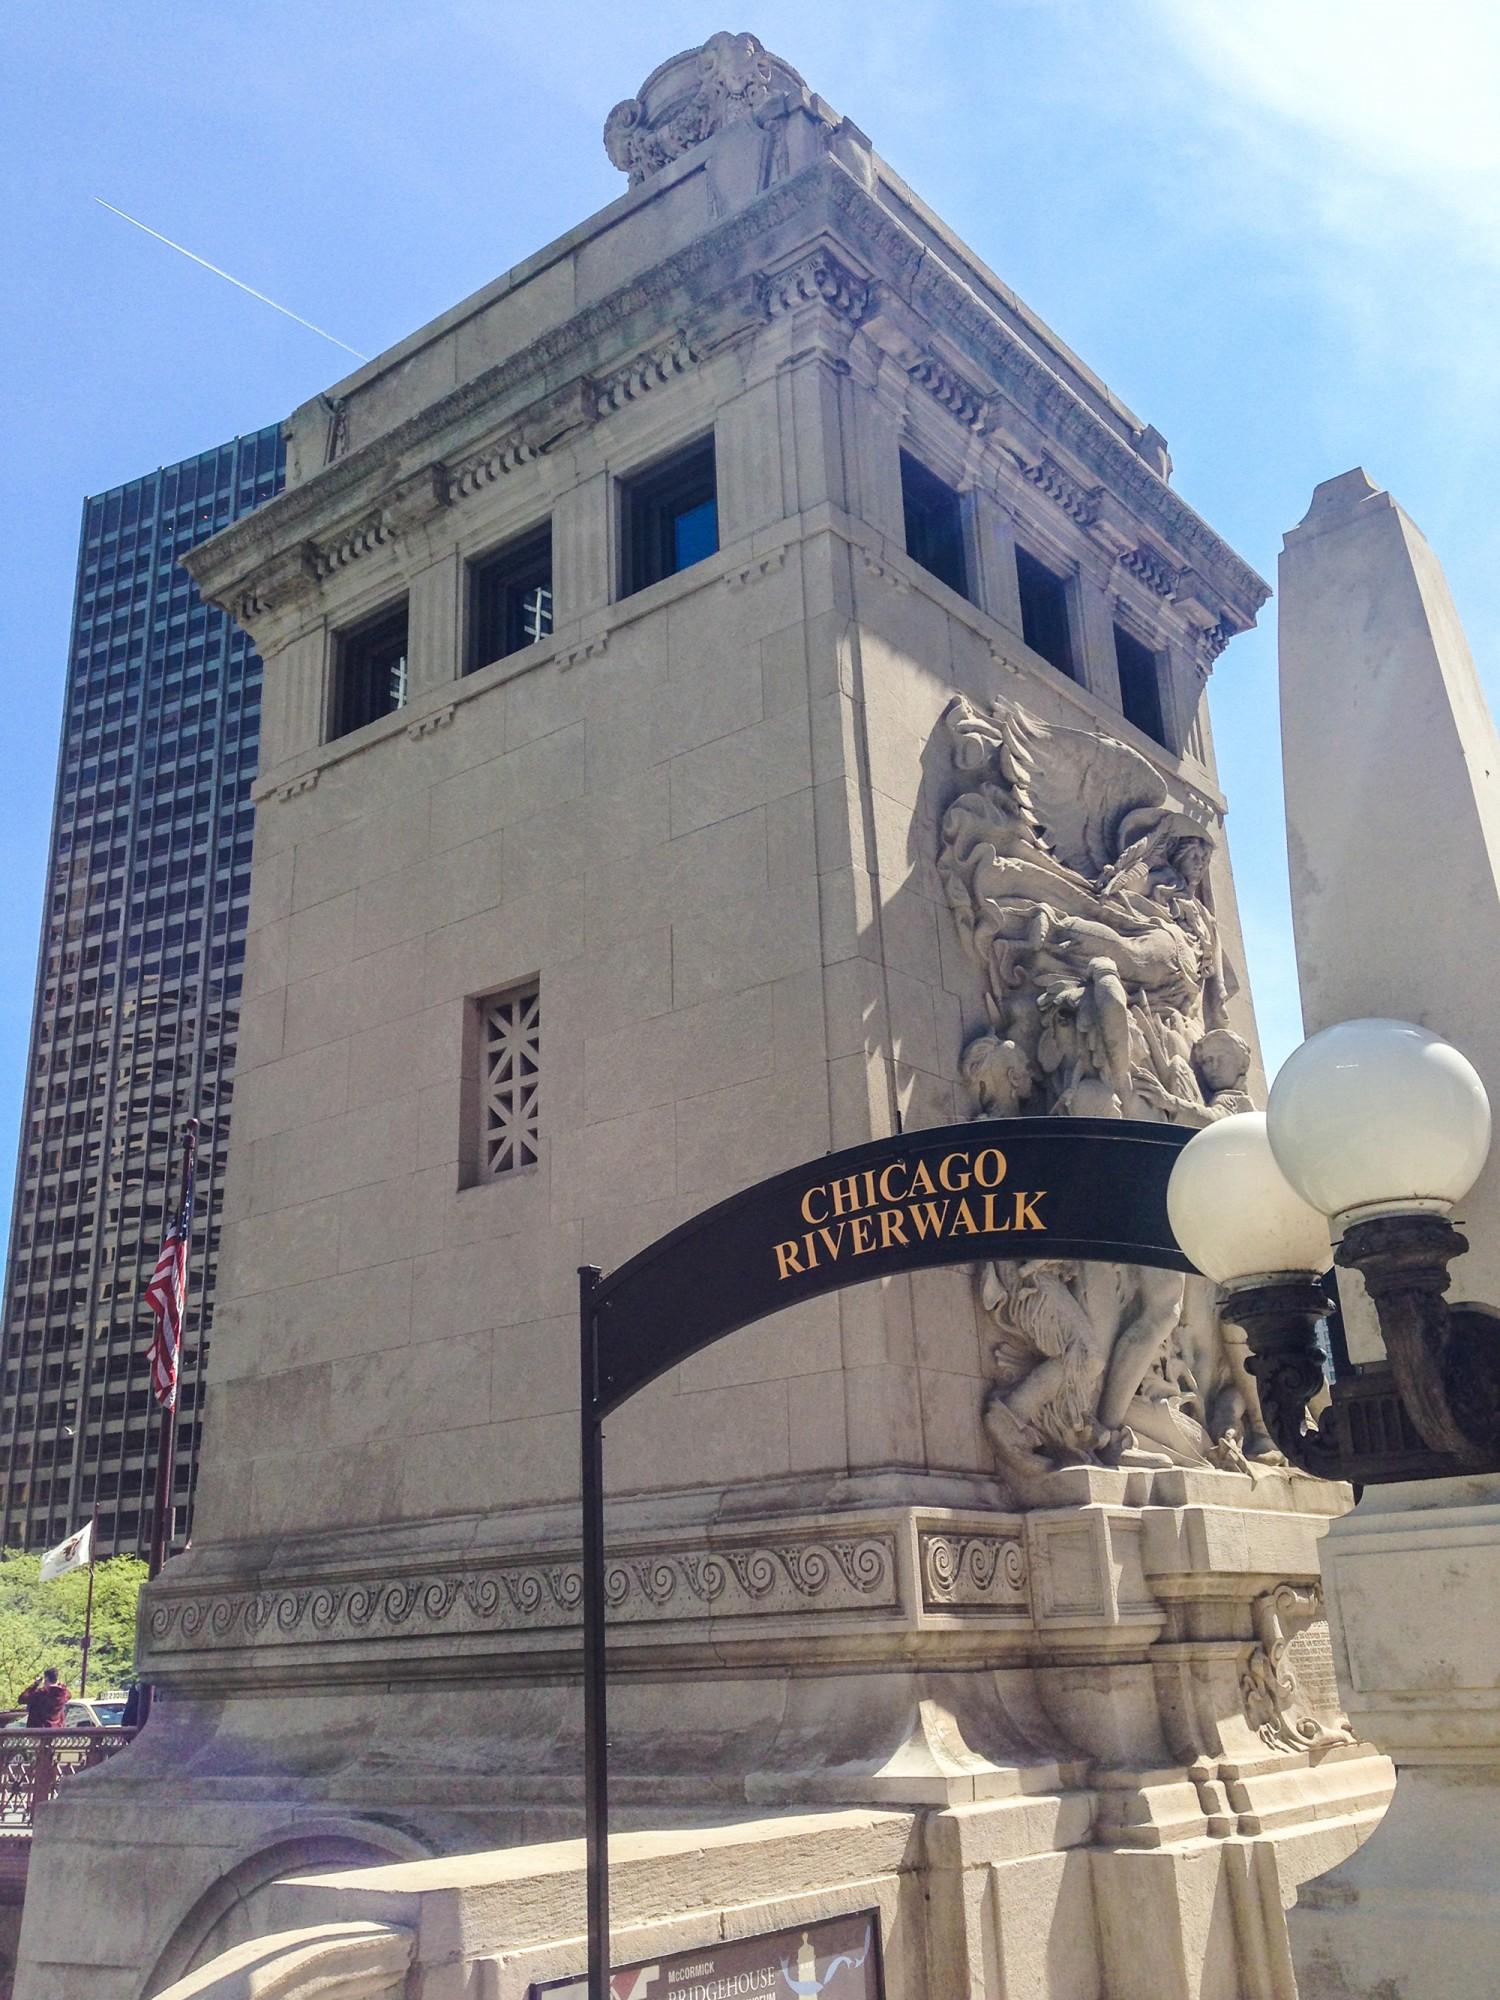 Michigan Avenue Bridge (DuSable Bridge) · Buildings of Chicago